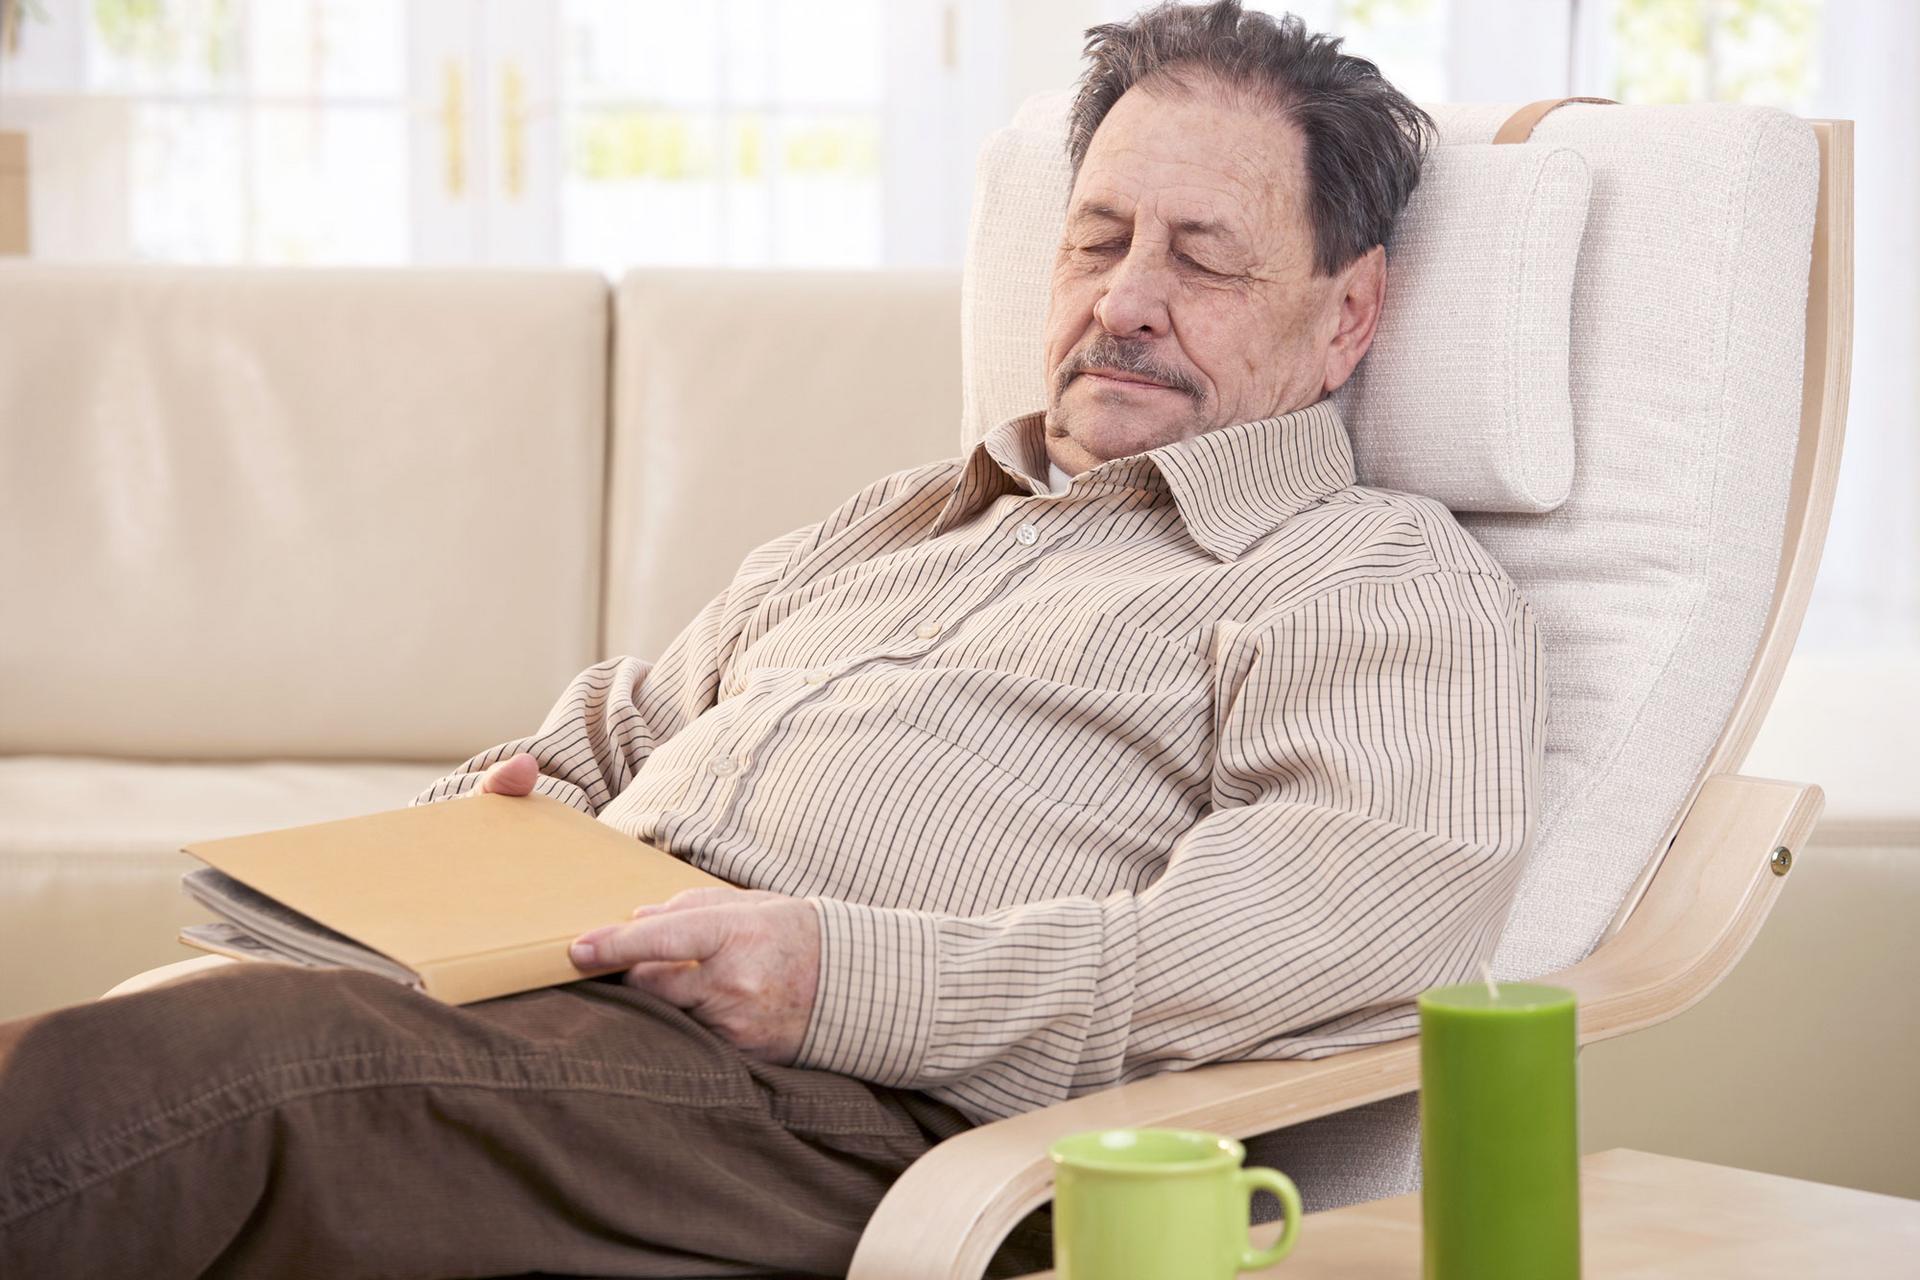 Päiväkeskustoiminta parantaa asiakkaiden elämänlaatua ja tukee henkistä hyvinvointia vähentäen yksinäisyyden kokemusta. Toiminnan sisältöä kehitetään asiakkaiden tarpeiden ja toimintakyvyn mukaan. Kuva: Iclipart